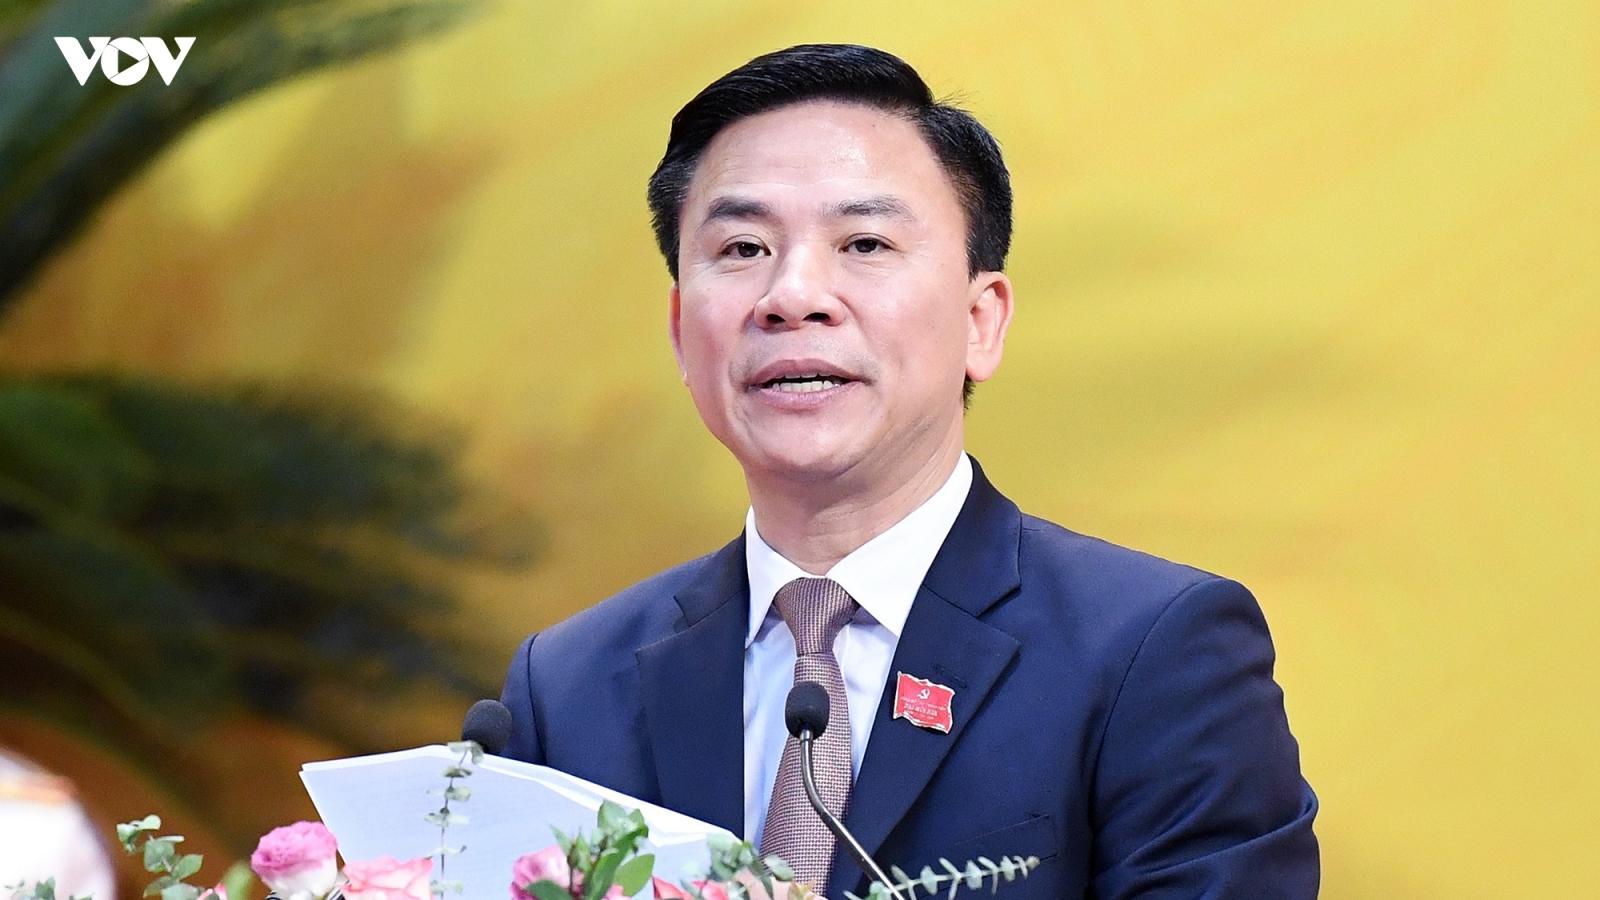 Ông Đỗ Trọng Hưng trúng cử Bí thư Tỉnh uỷ Thanh Hoá nhiệm kỳ 2020-2025